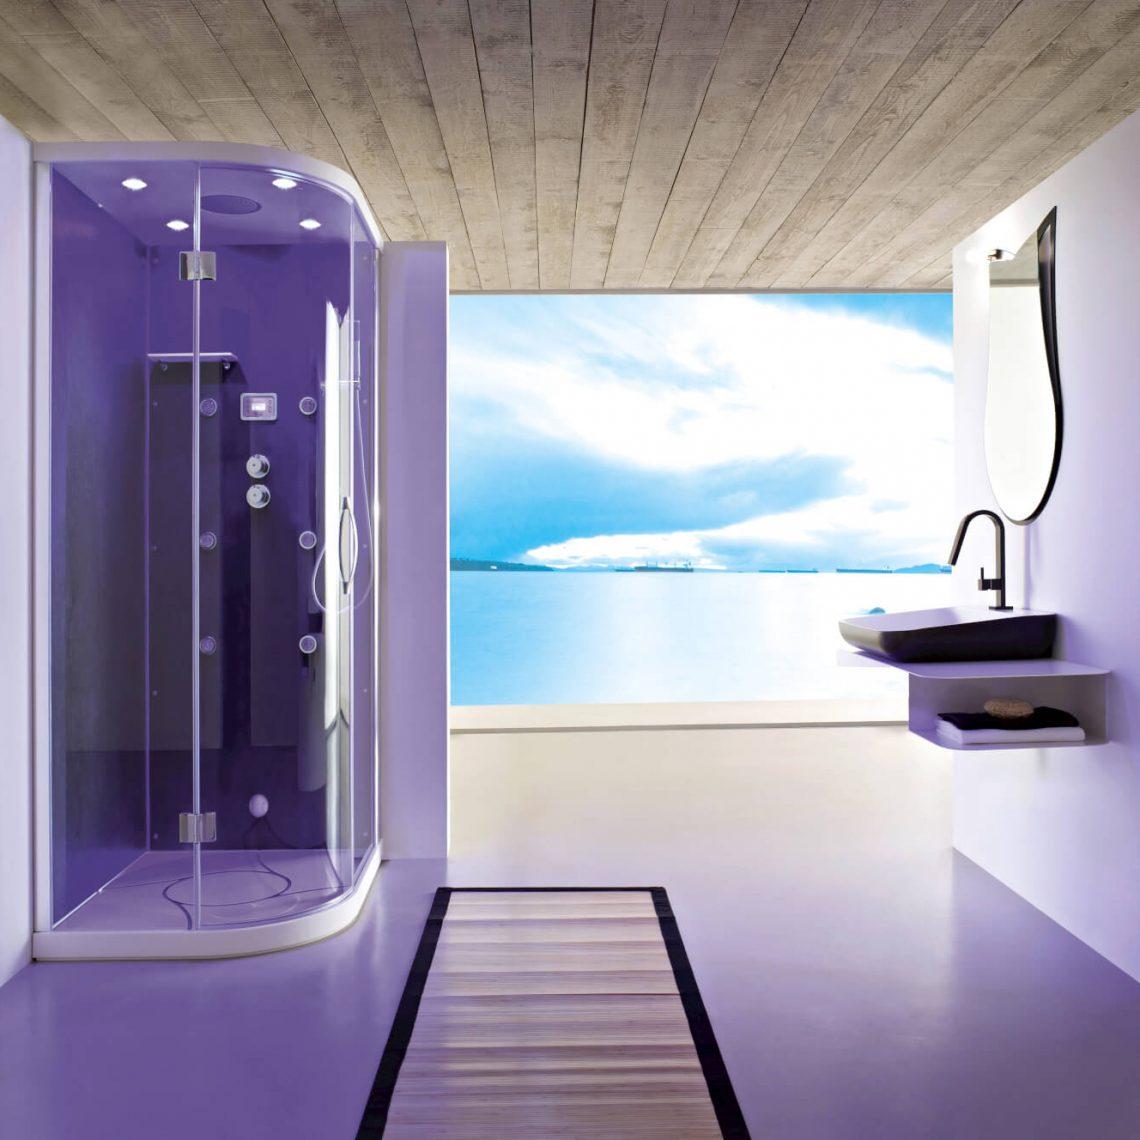 Idee Per Ristrutturare Il Bagno ristrutturazione del bagno con nuove idee - artebagno